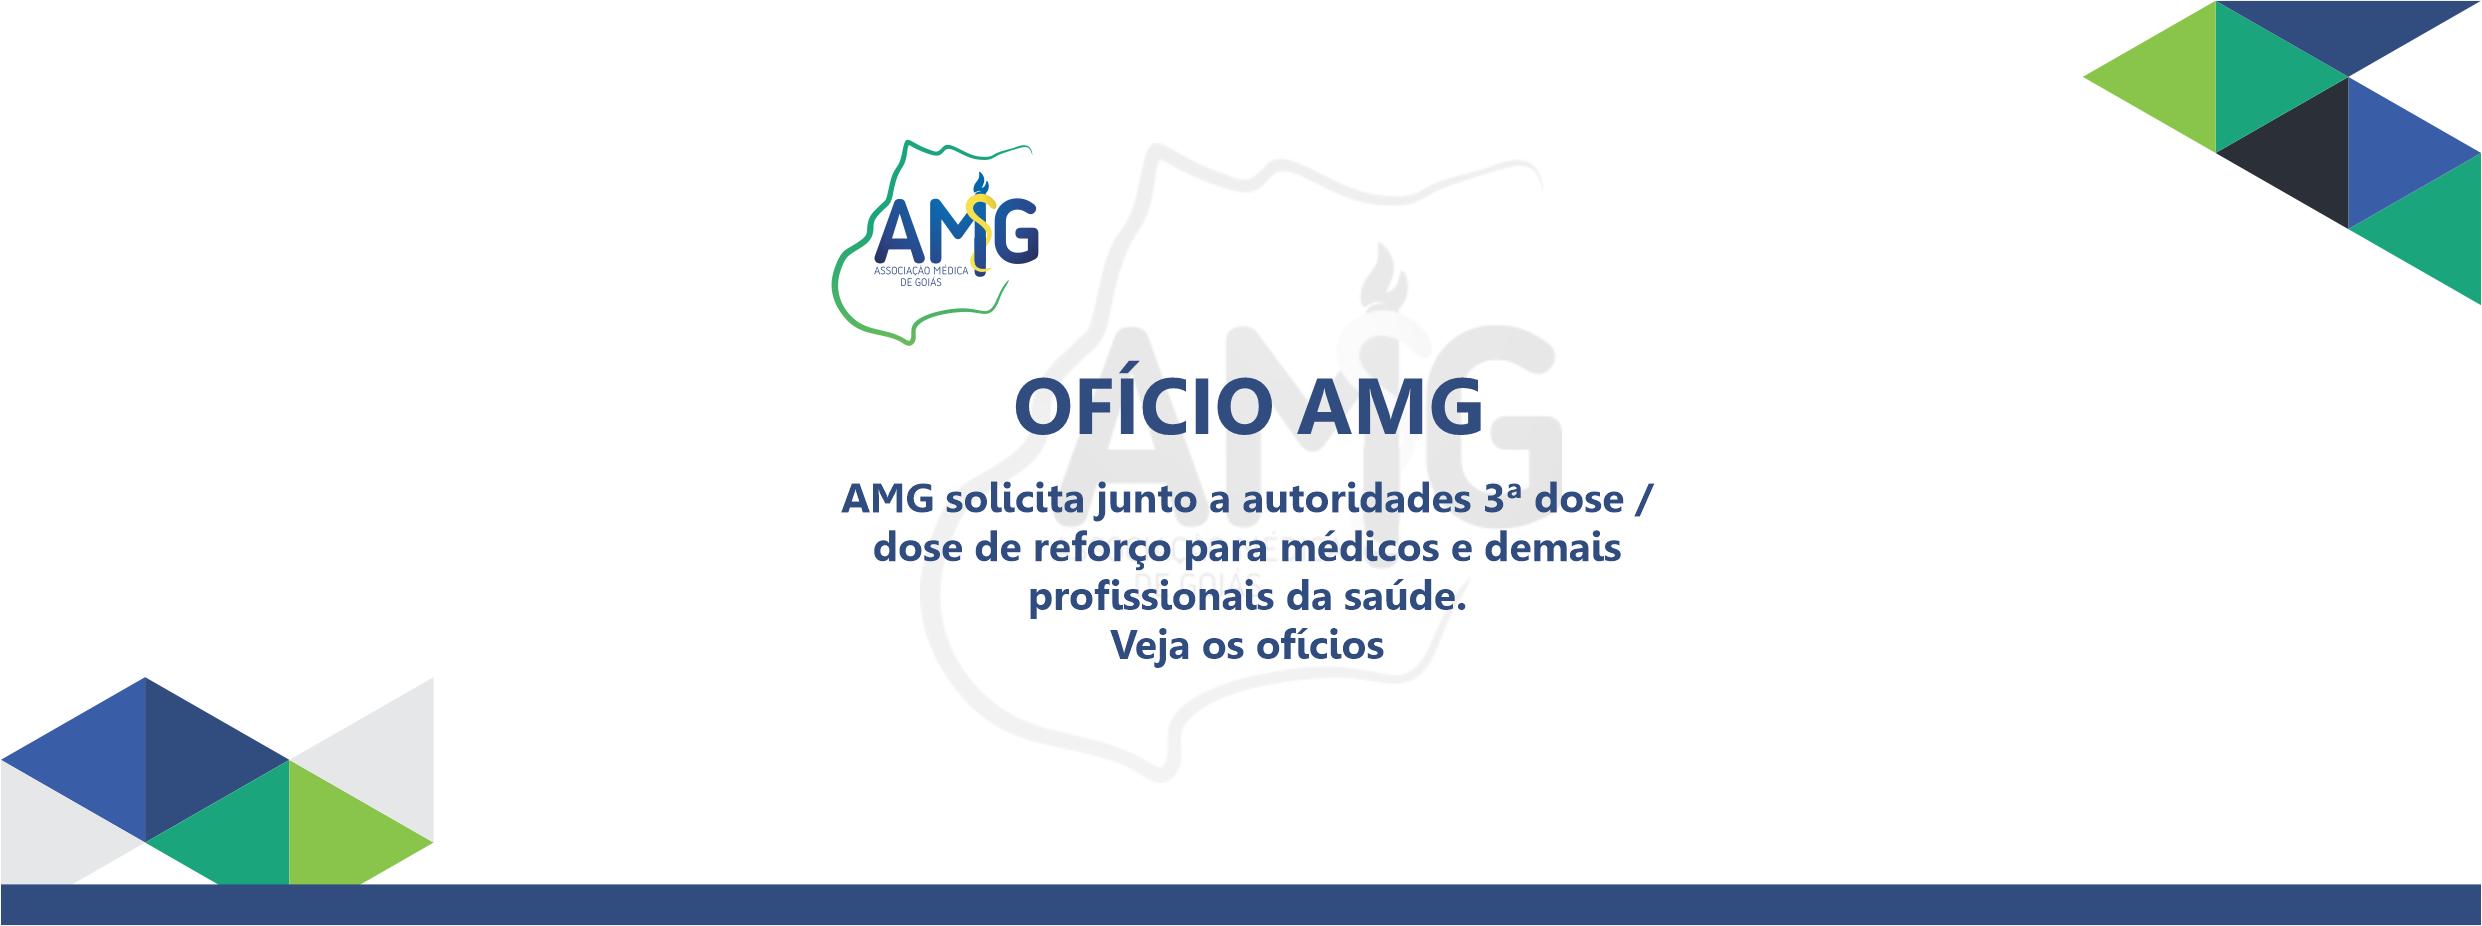 AMG solicita junto a autoridades 3ª dose / dose de reforço para médicos e demais profissionais da saúde. Veja os ofícios